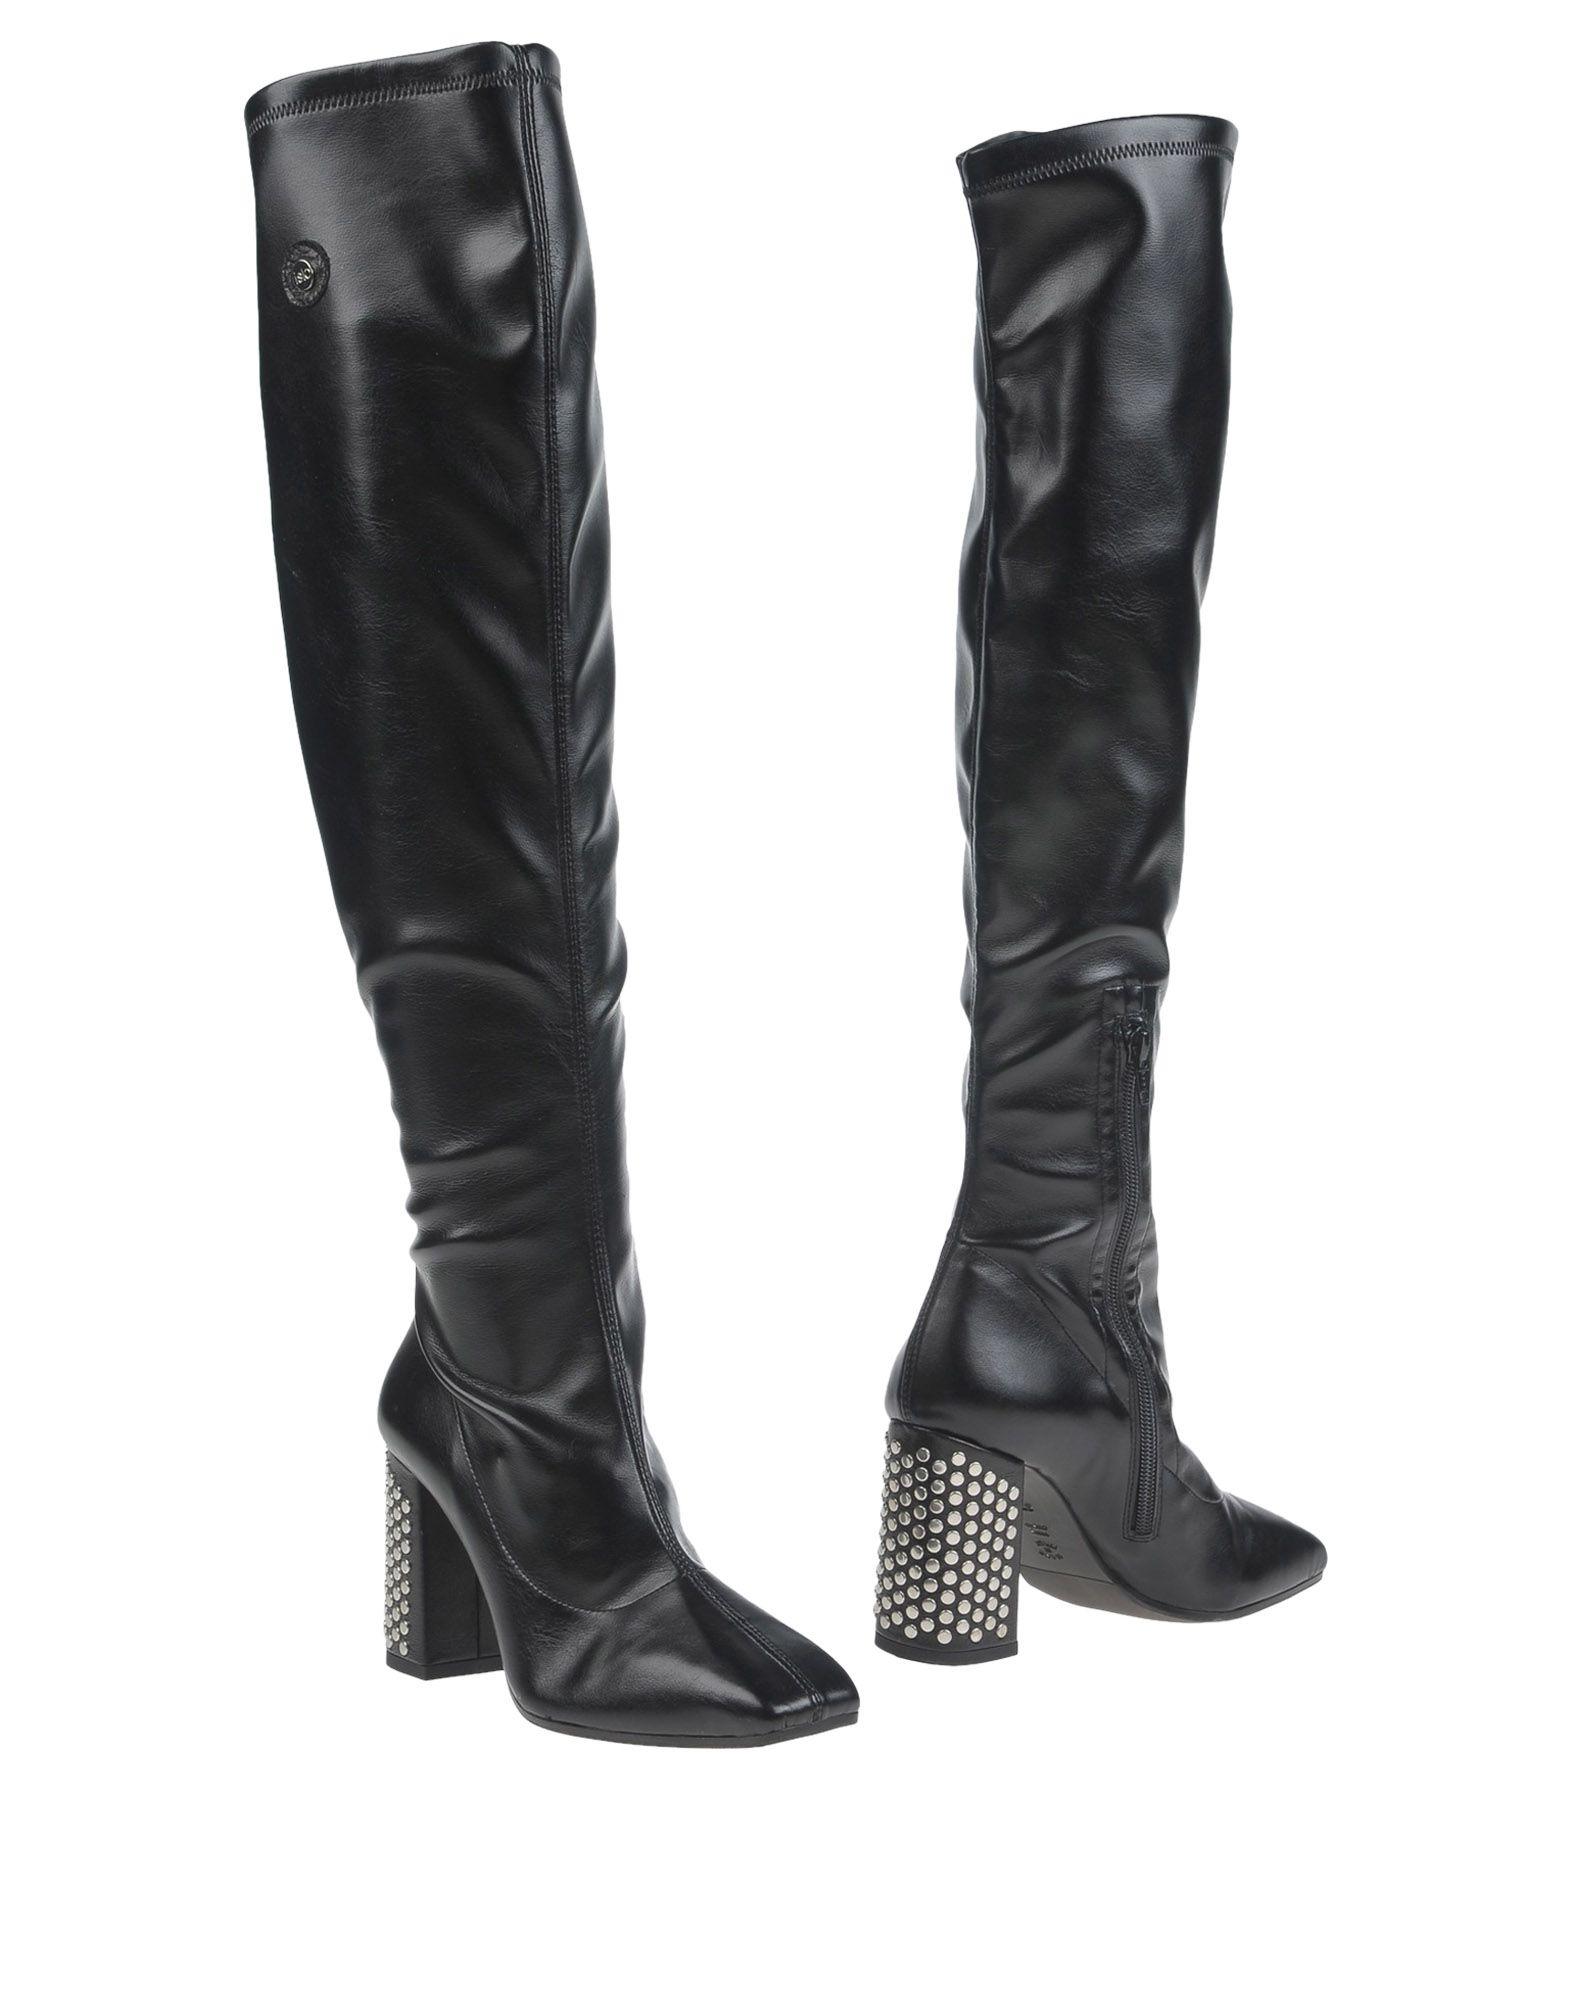 Islo Isabella Lorusso Stiefel Damen  11303314UUGut aussehende strapazierfähige Schuhe